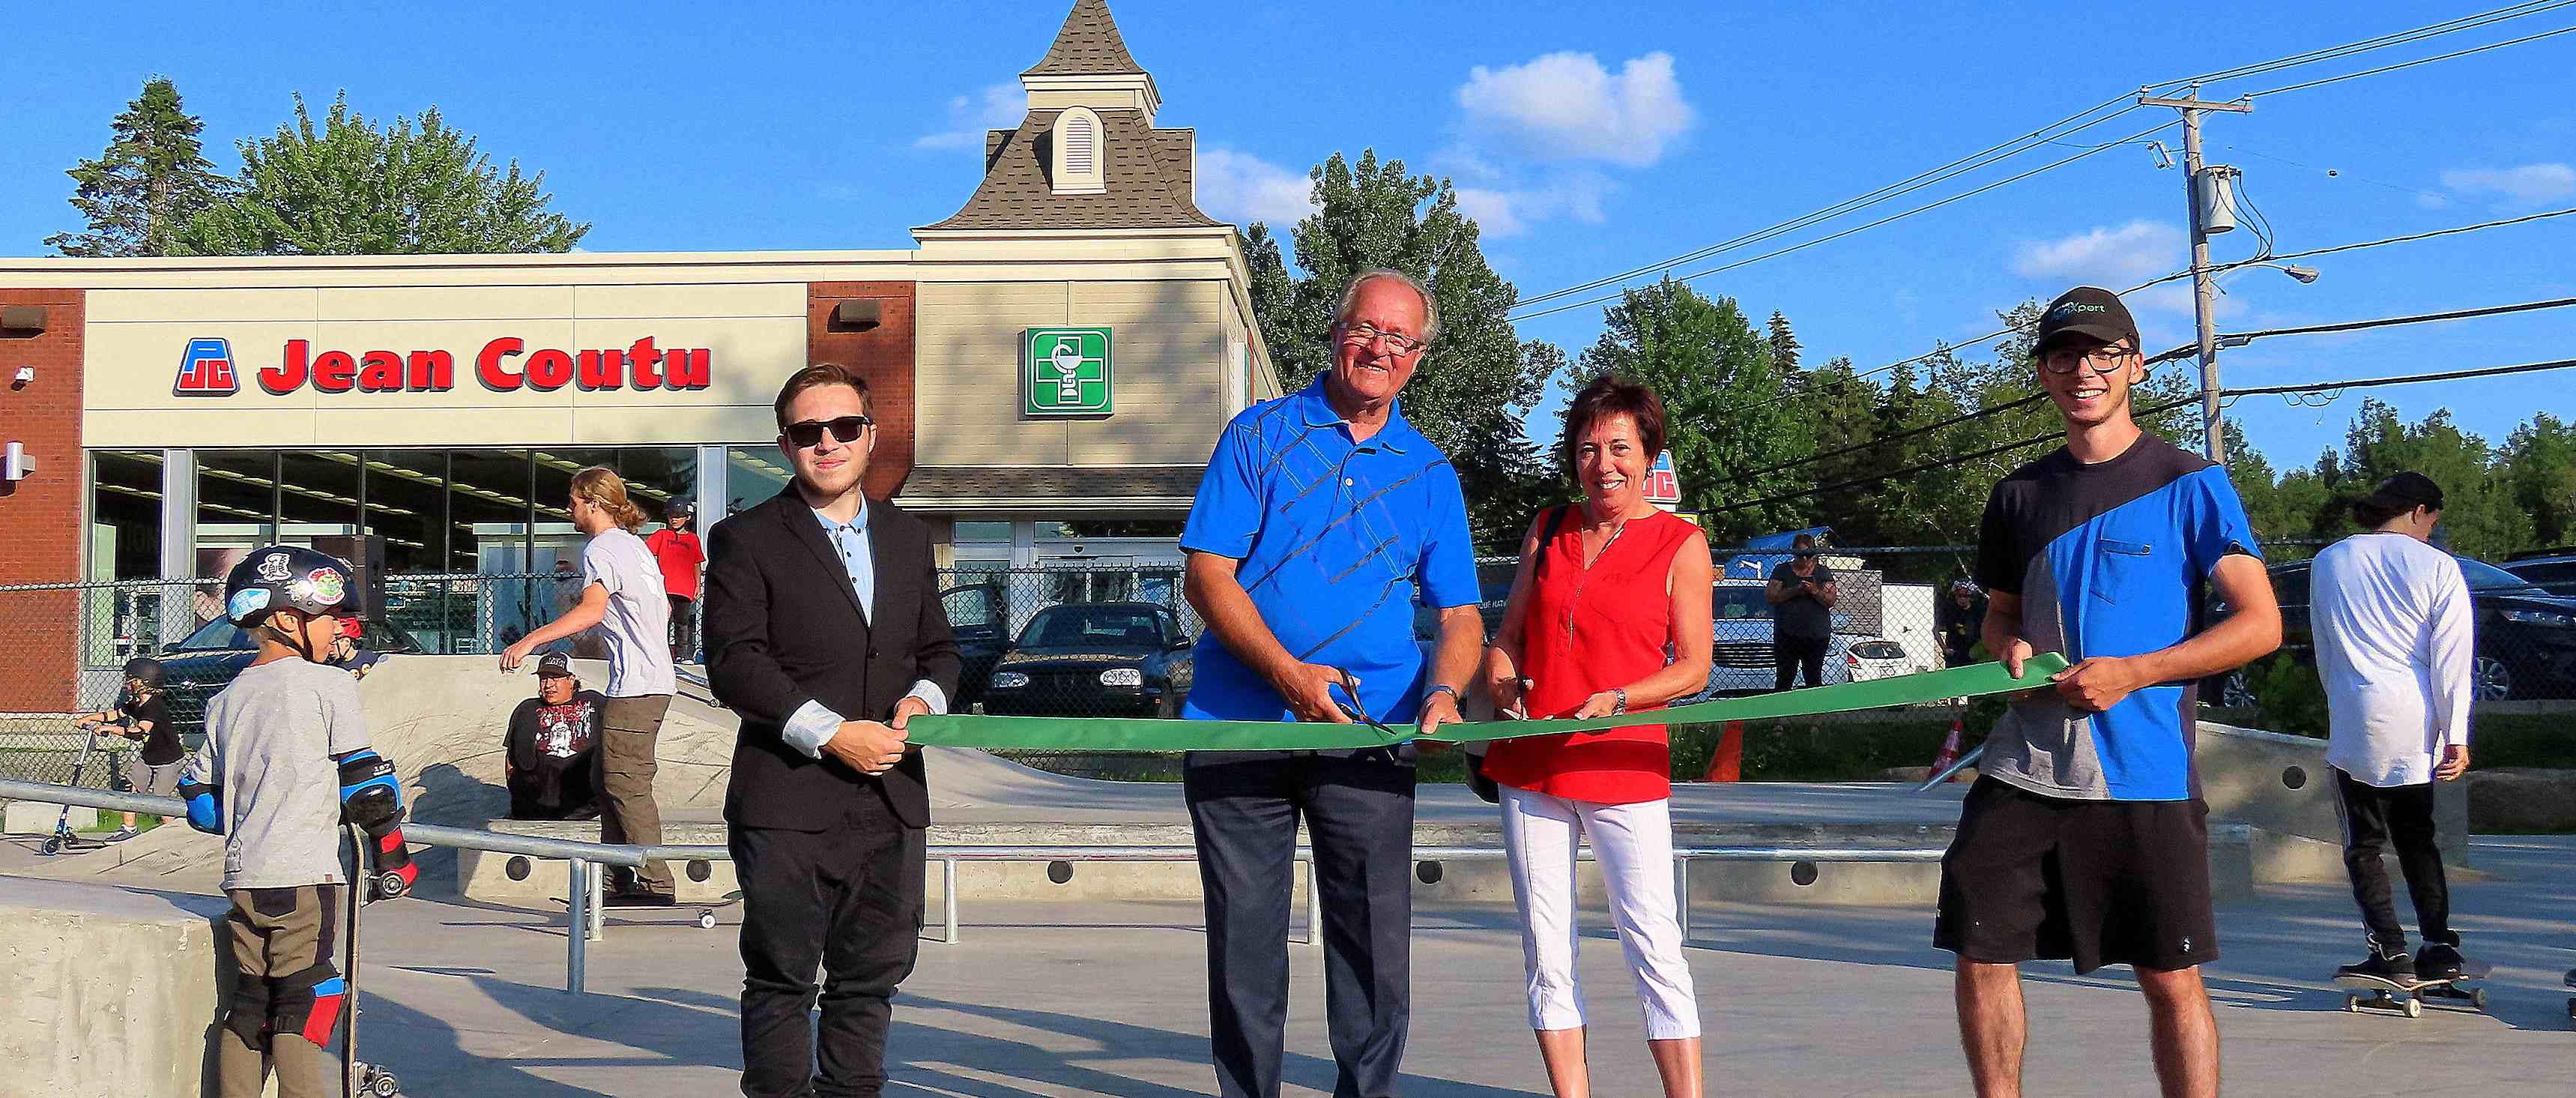 La Ville de Saint-Gabriel, la municipalité de Saint-Gabriel-de-Brandon et le Centre sportif et culturel de Brandon (CSCB) sont heureux d'annoncer l'ouverture officielle du parc de planches à roulettes.